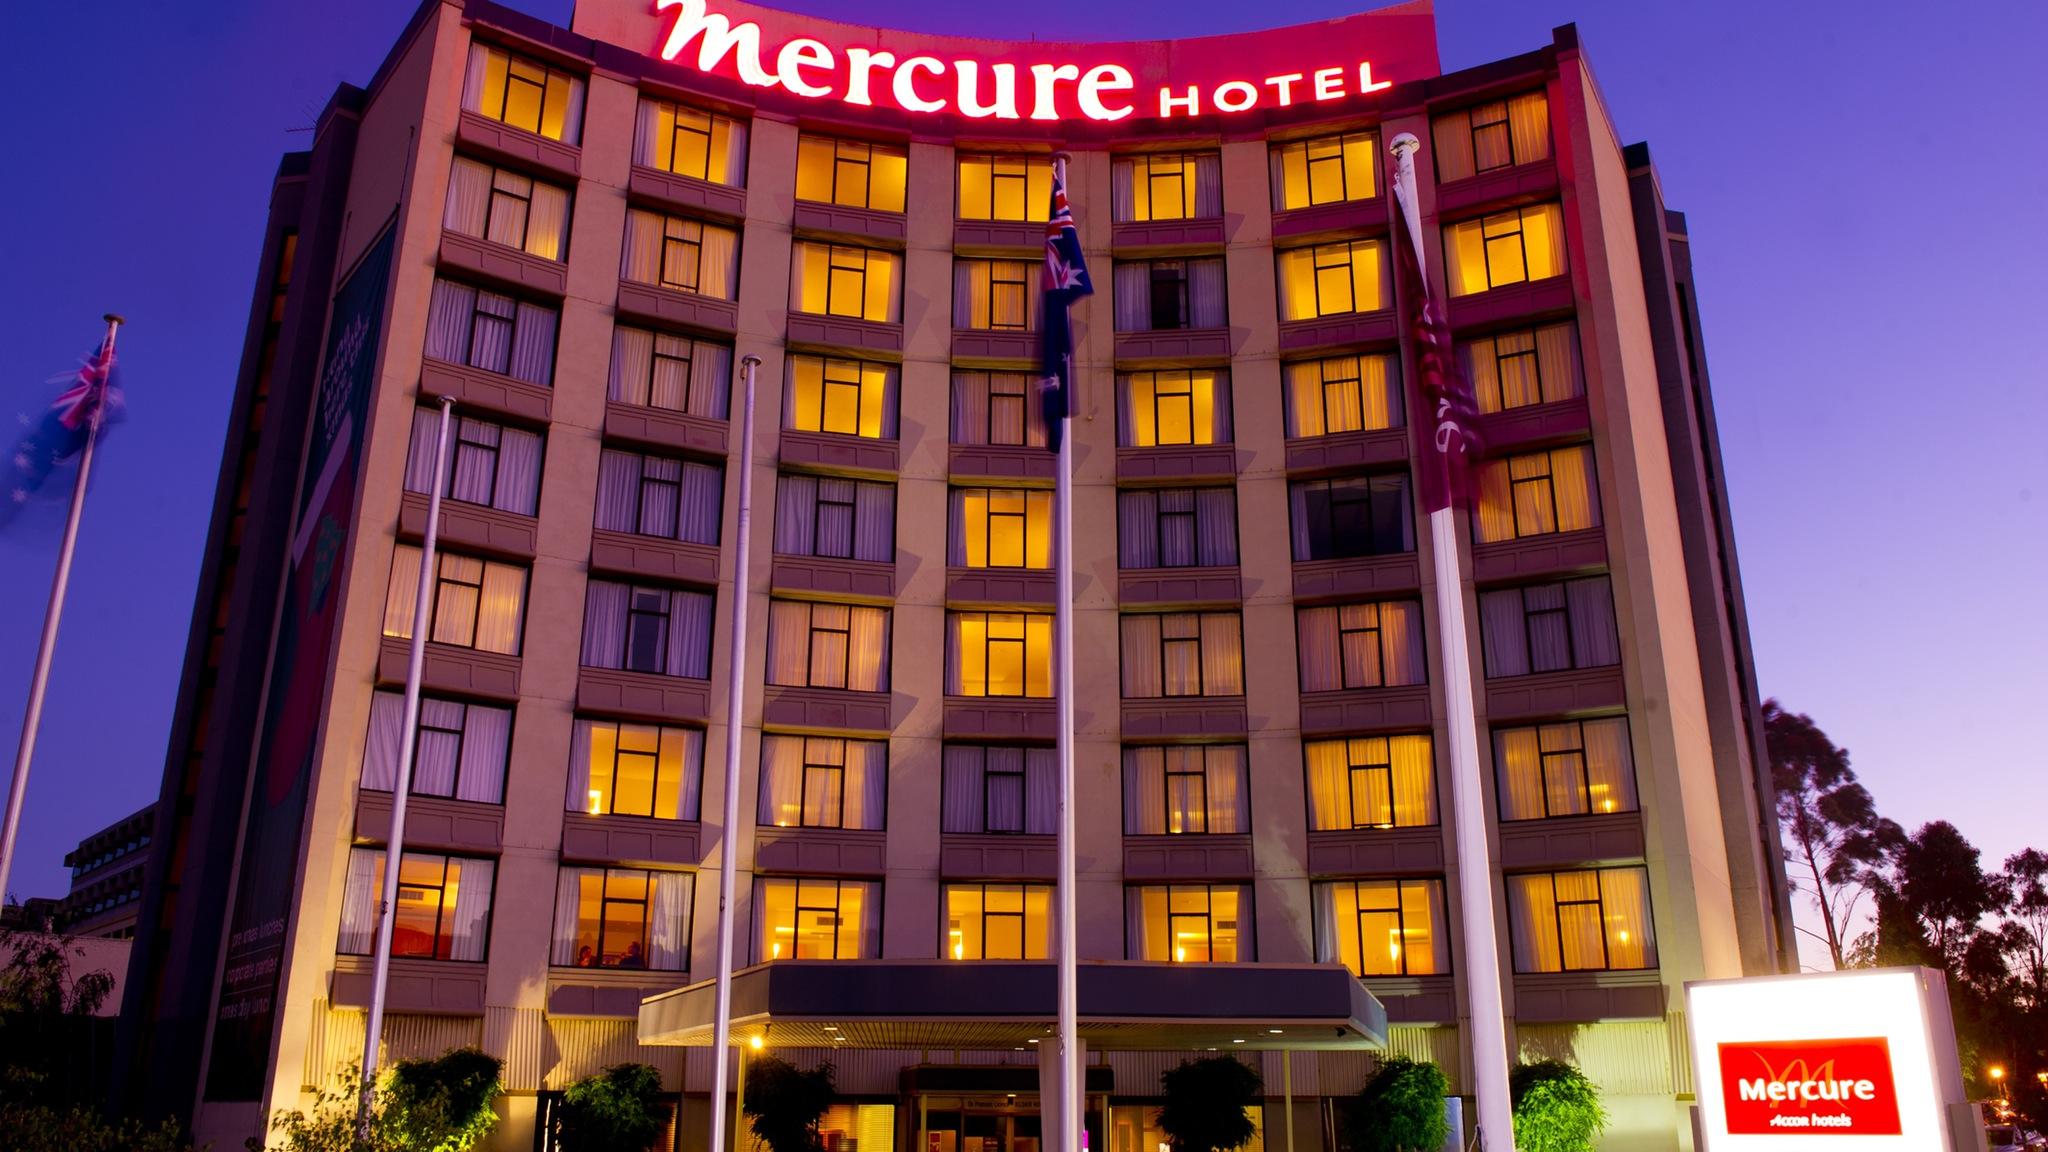 Exterior of Mercure Geelong